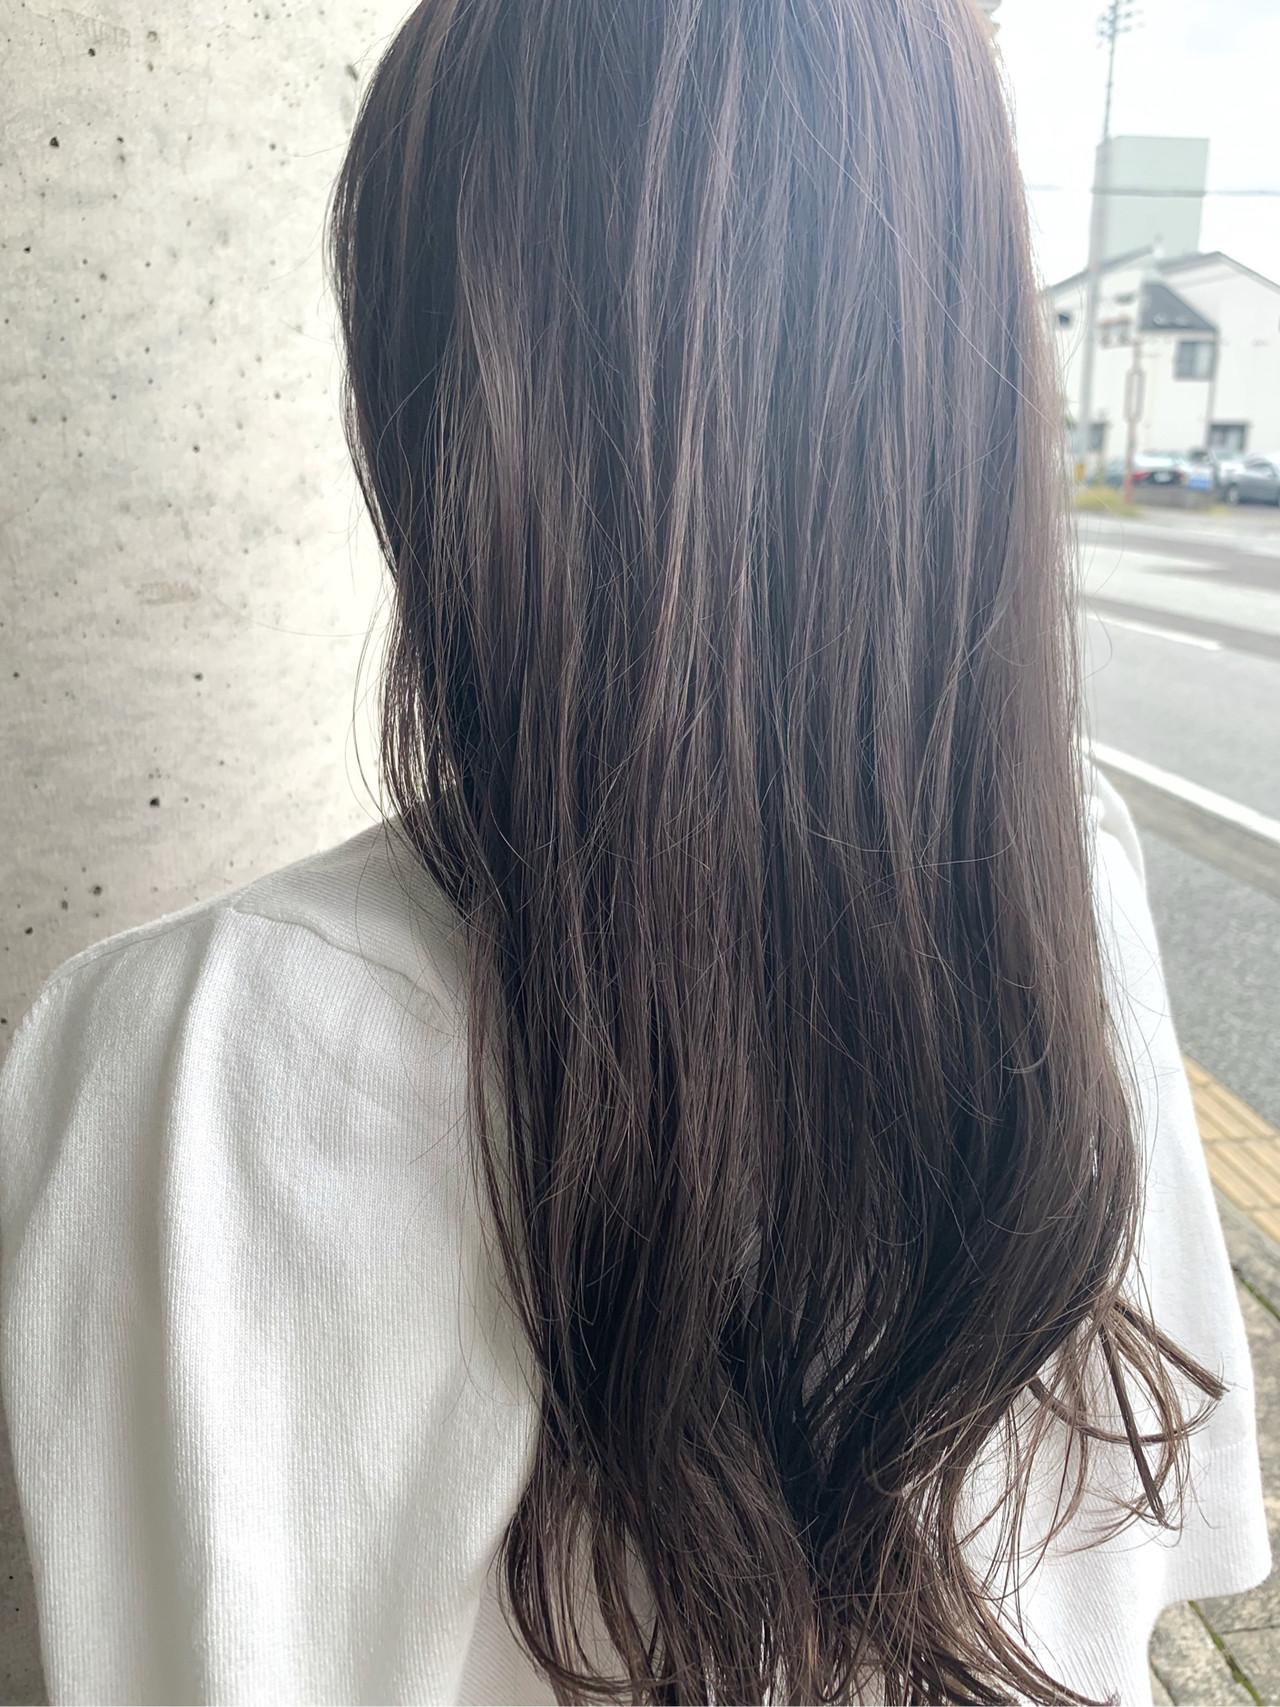 ナチュラル ブリーチ必須 セミロング 透明感カラー ヘアスタイルや髪型の写真・画像